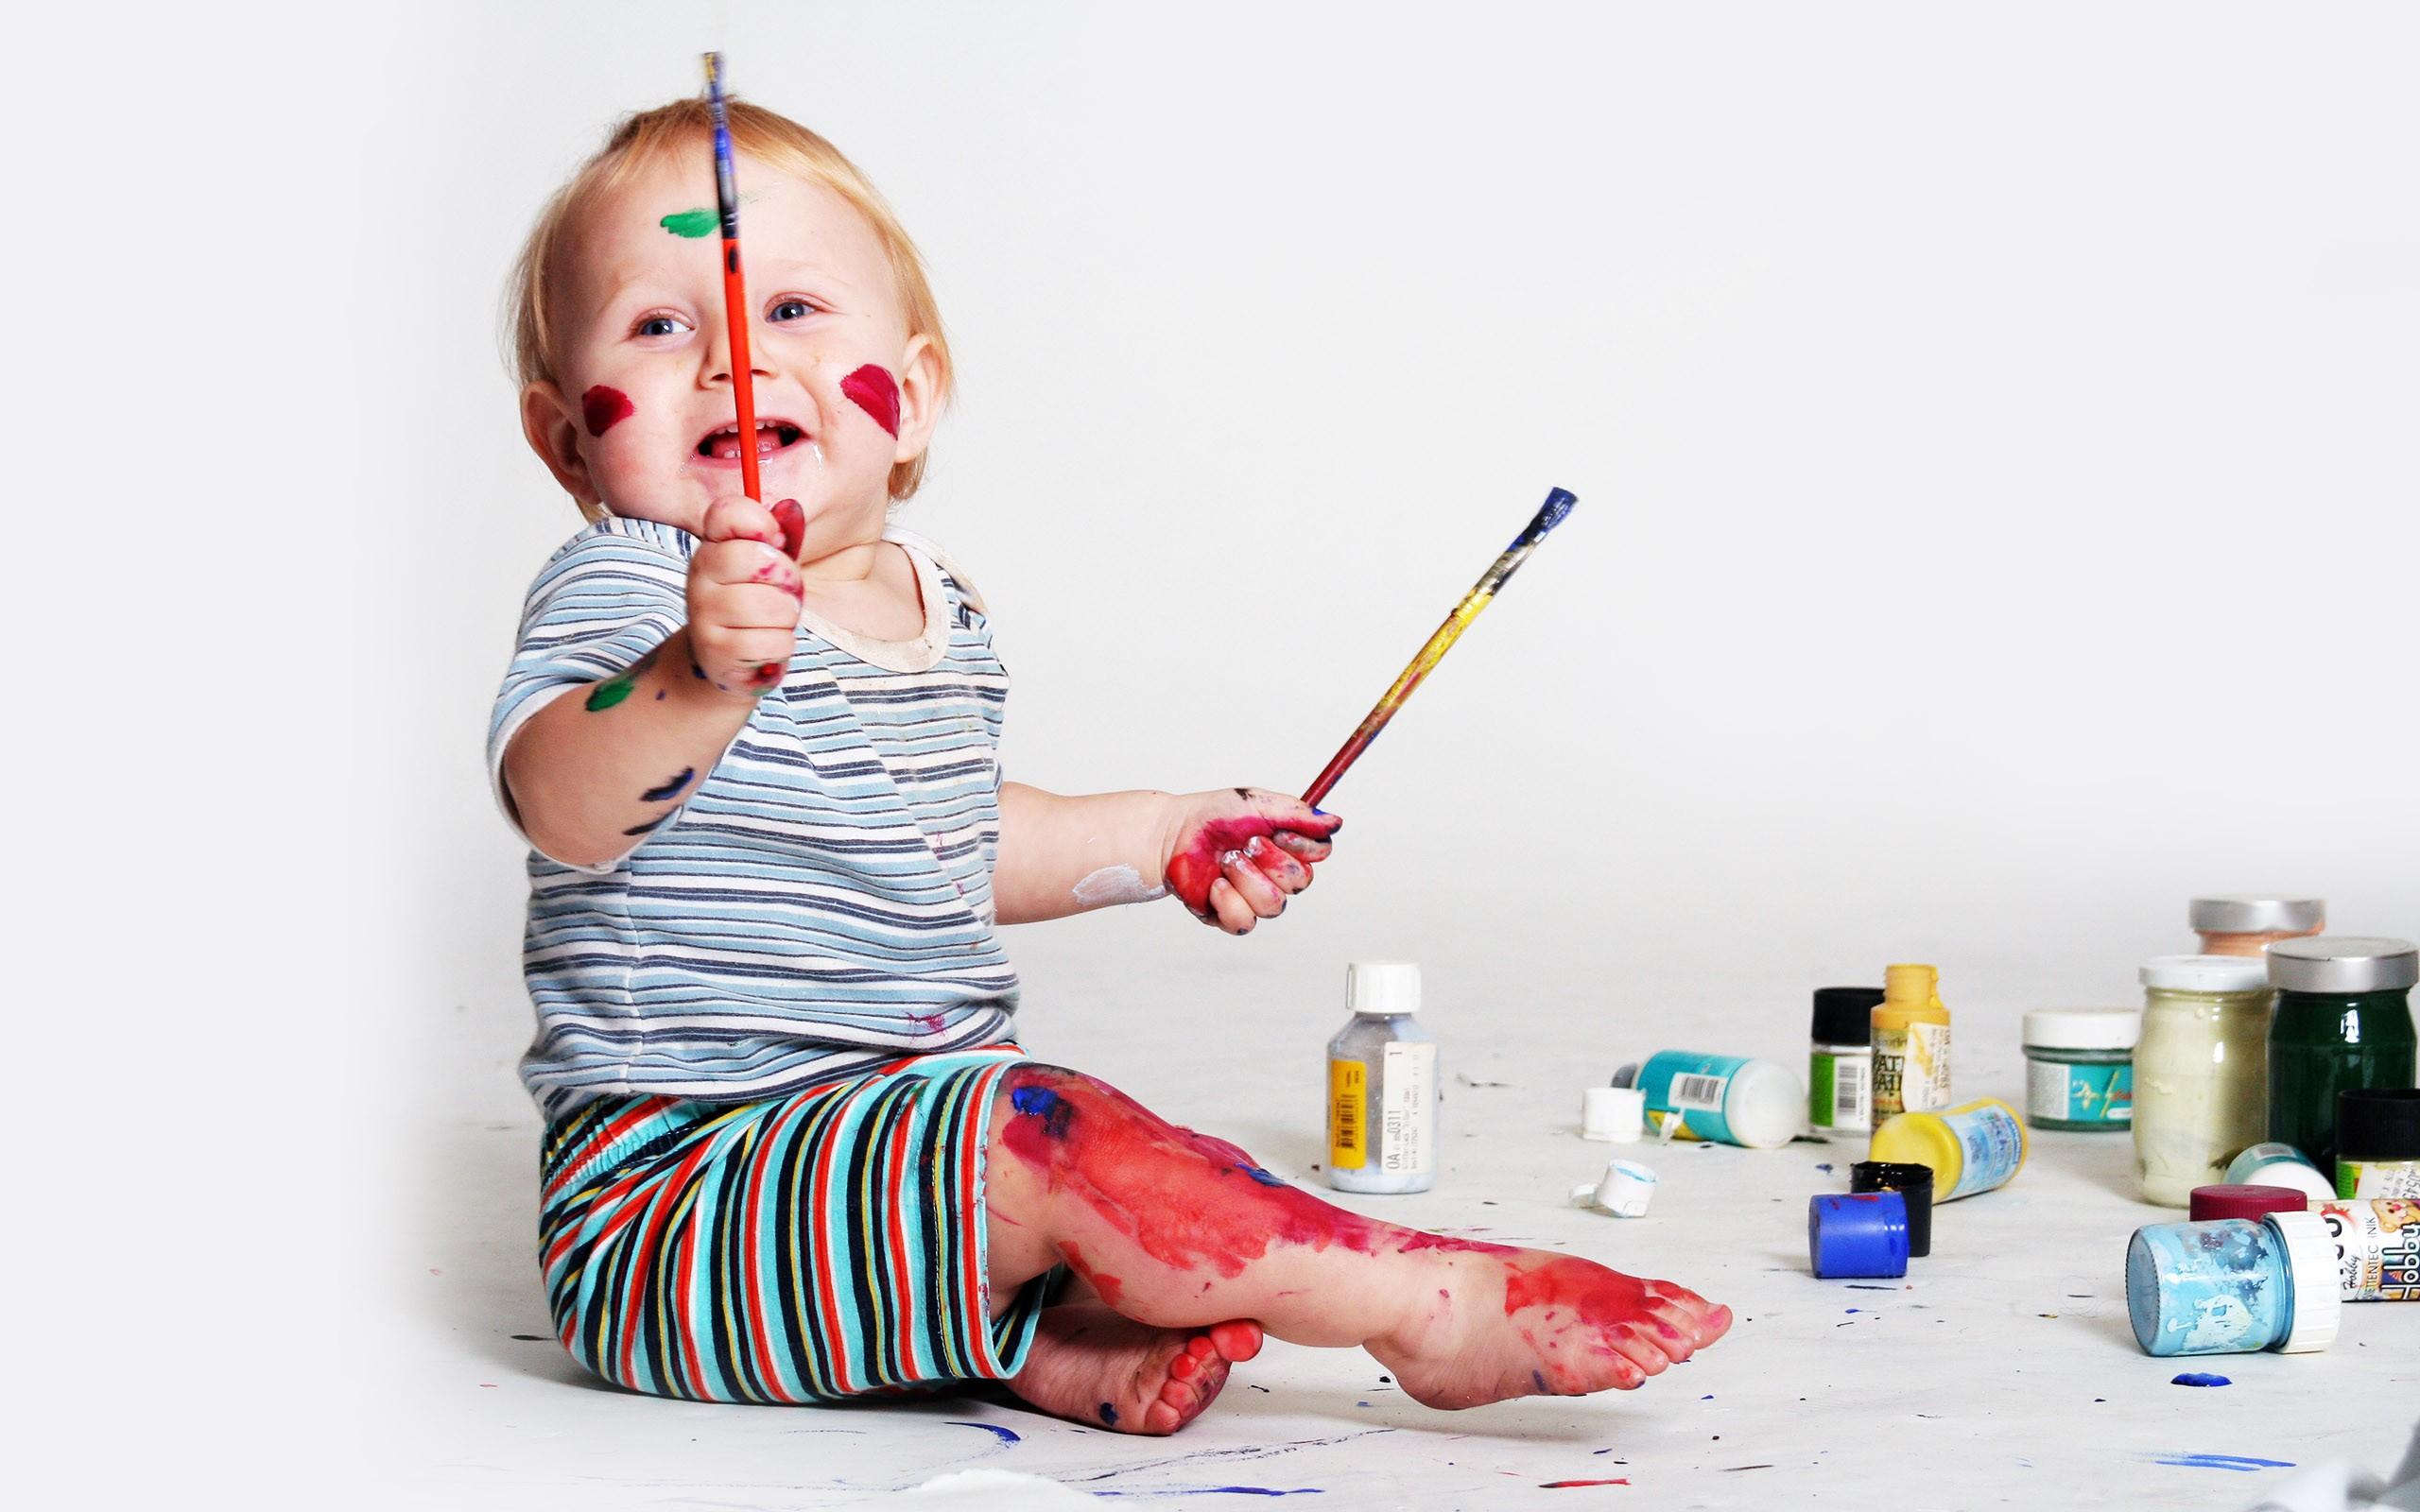 Niño artista - 2560x1600